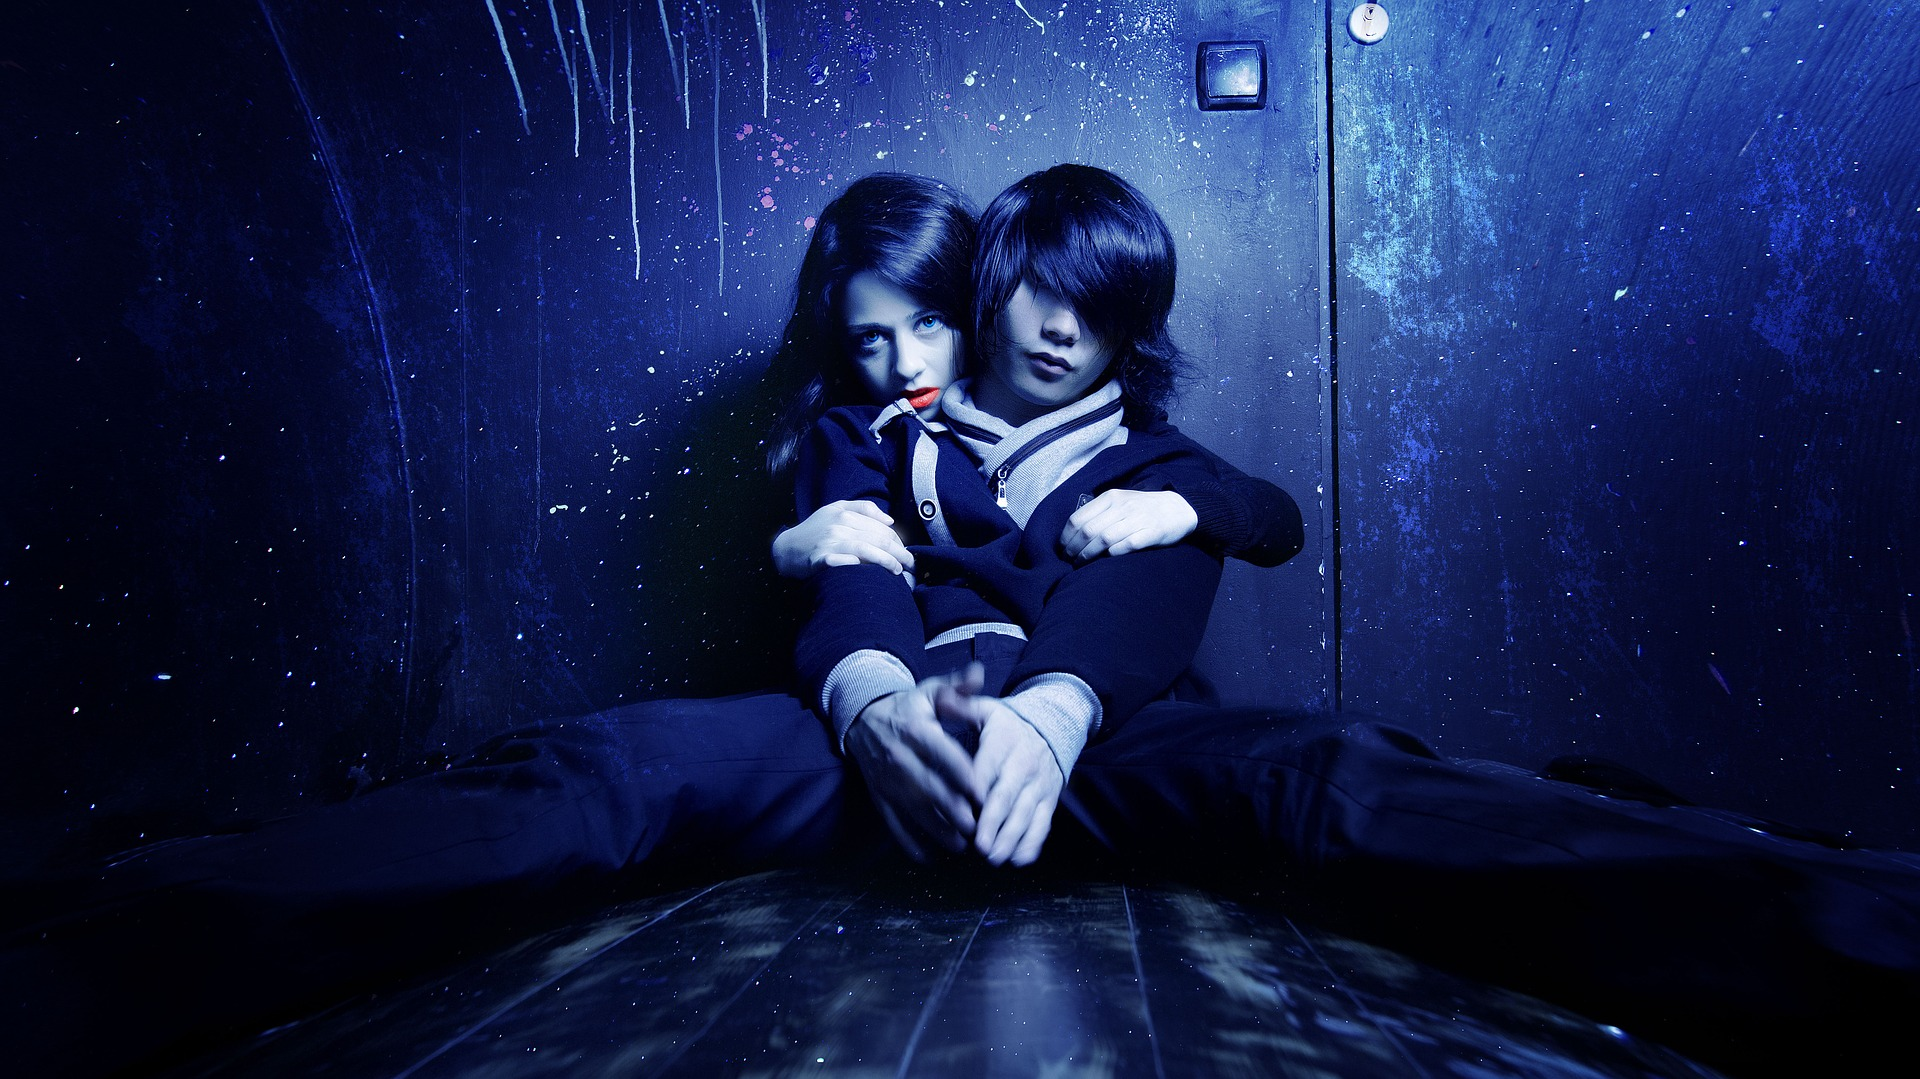 夢占いで吸血鬼が意味するサインは?吸血鬼が夢に出てきた夢の意味を解説